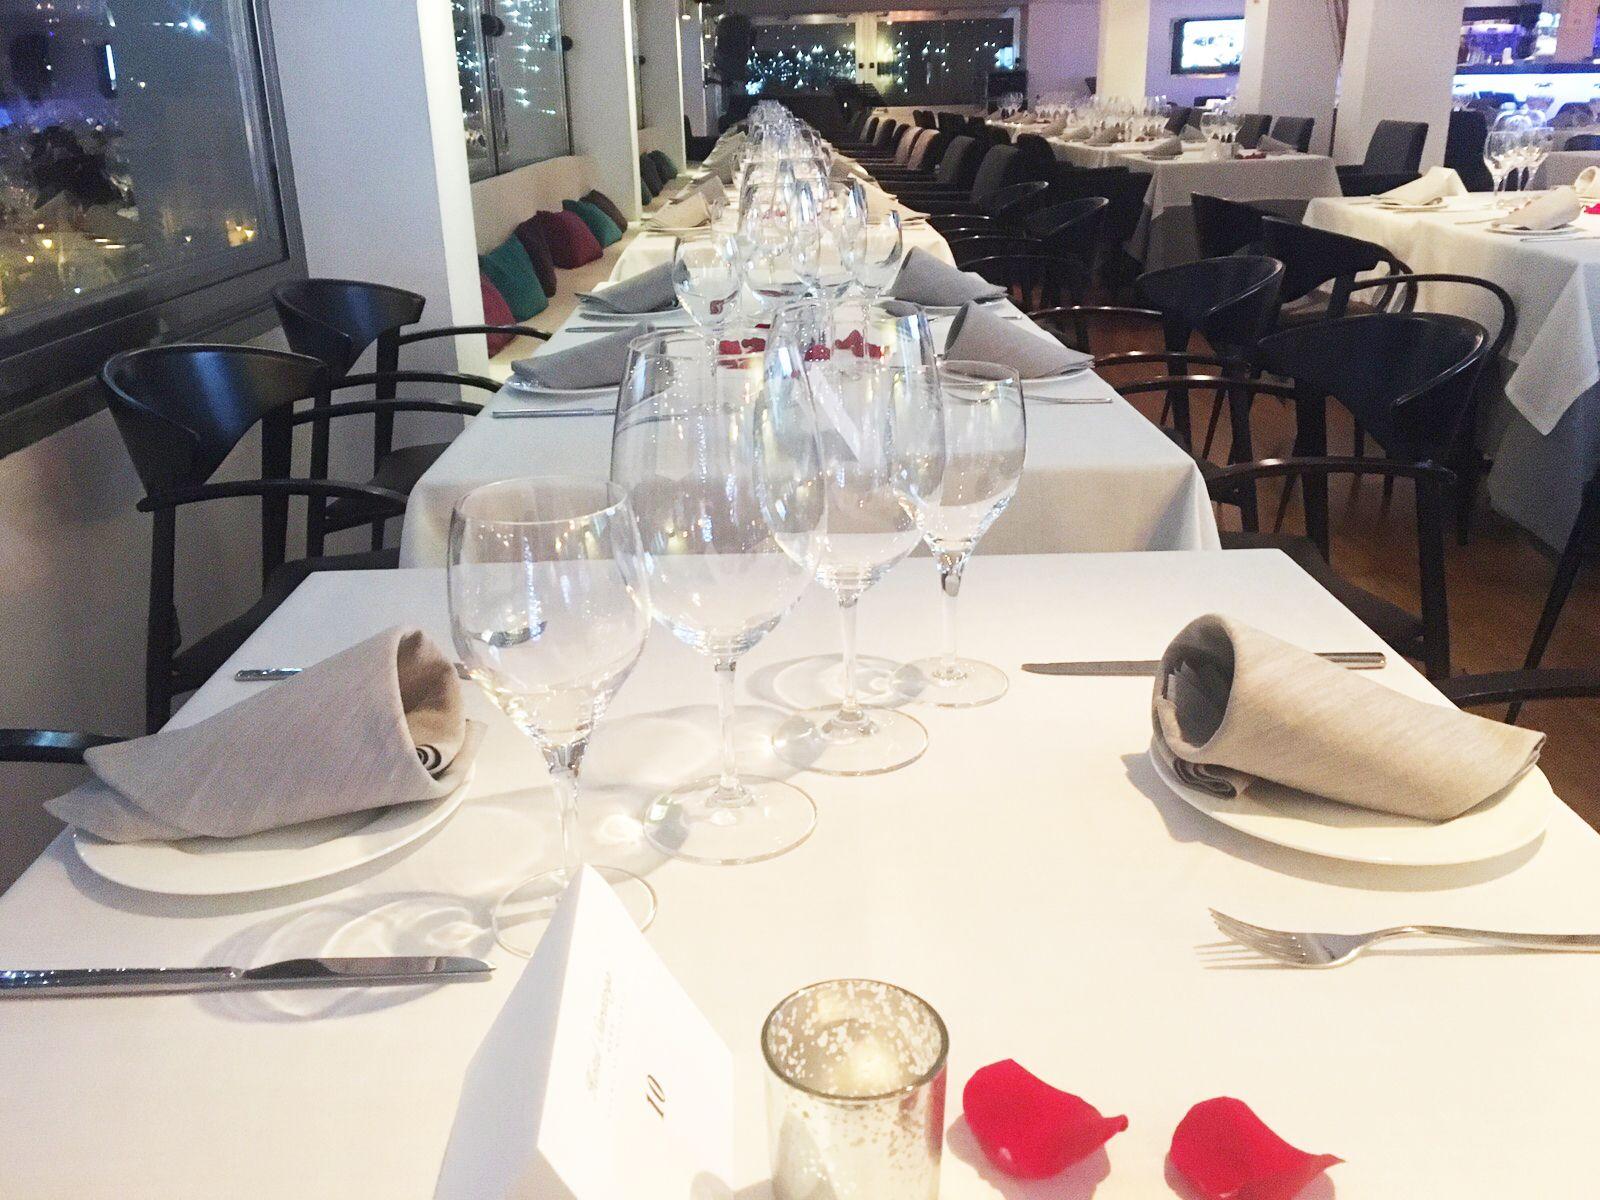 Nochebuena 2015 Restaurante Blue Jazz Club Palma De Mallorca Hotel Saratoga Hotel Palma De Mallorca Palmas